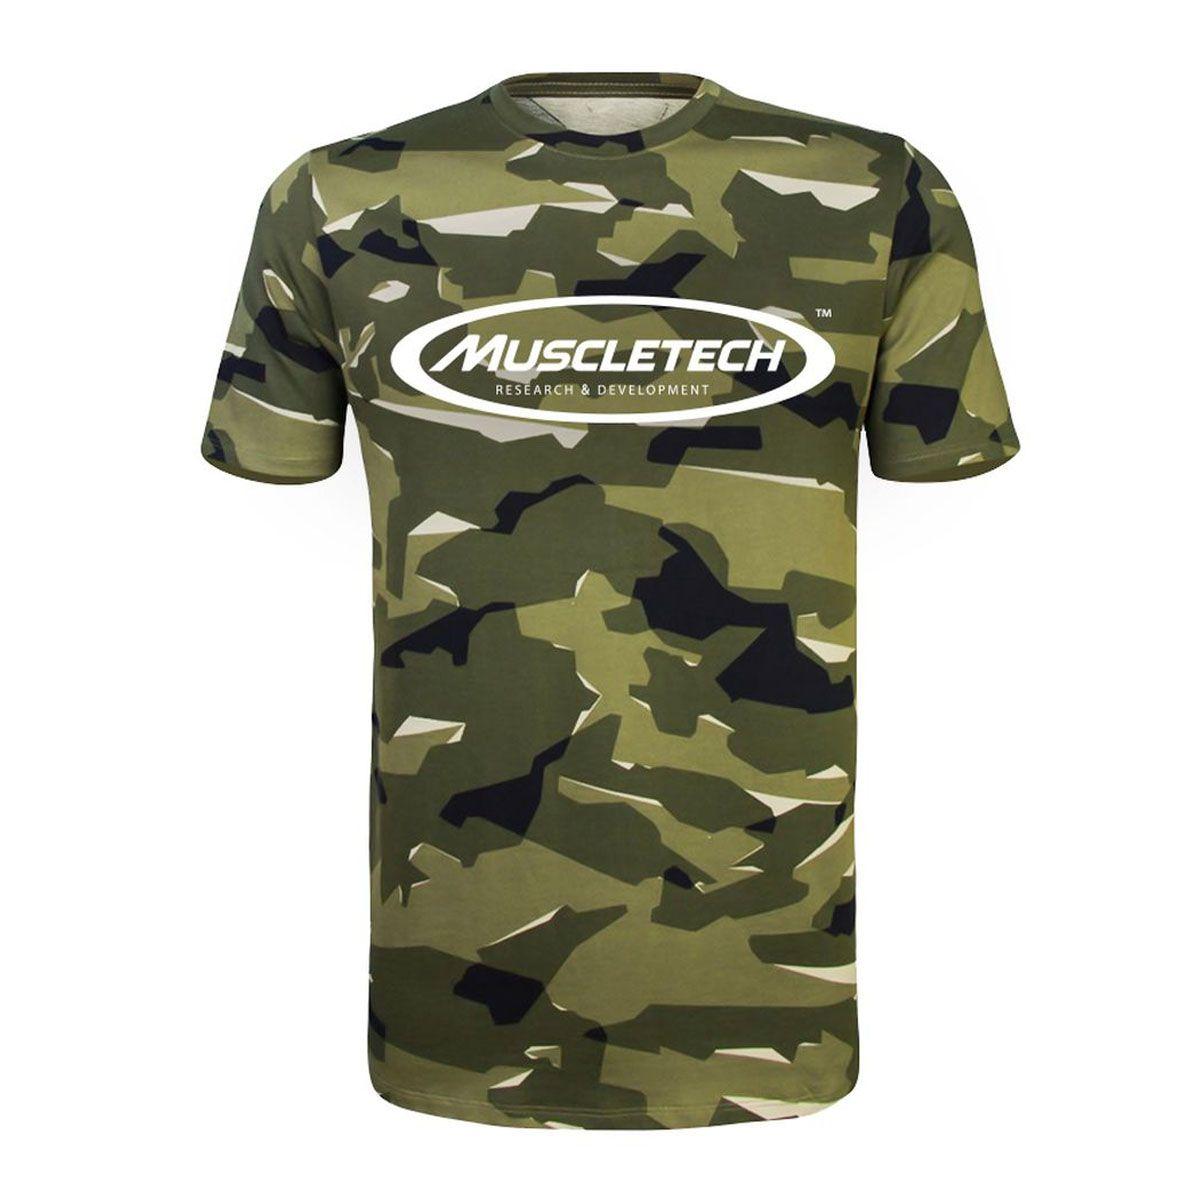 Camiseta Camuflada - Muscletech